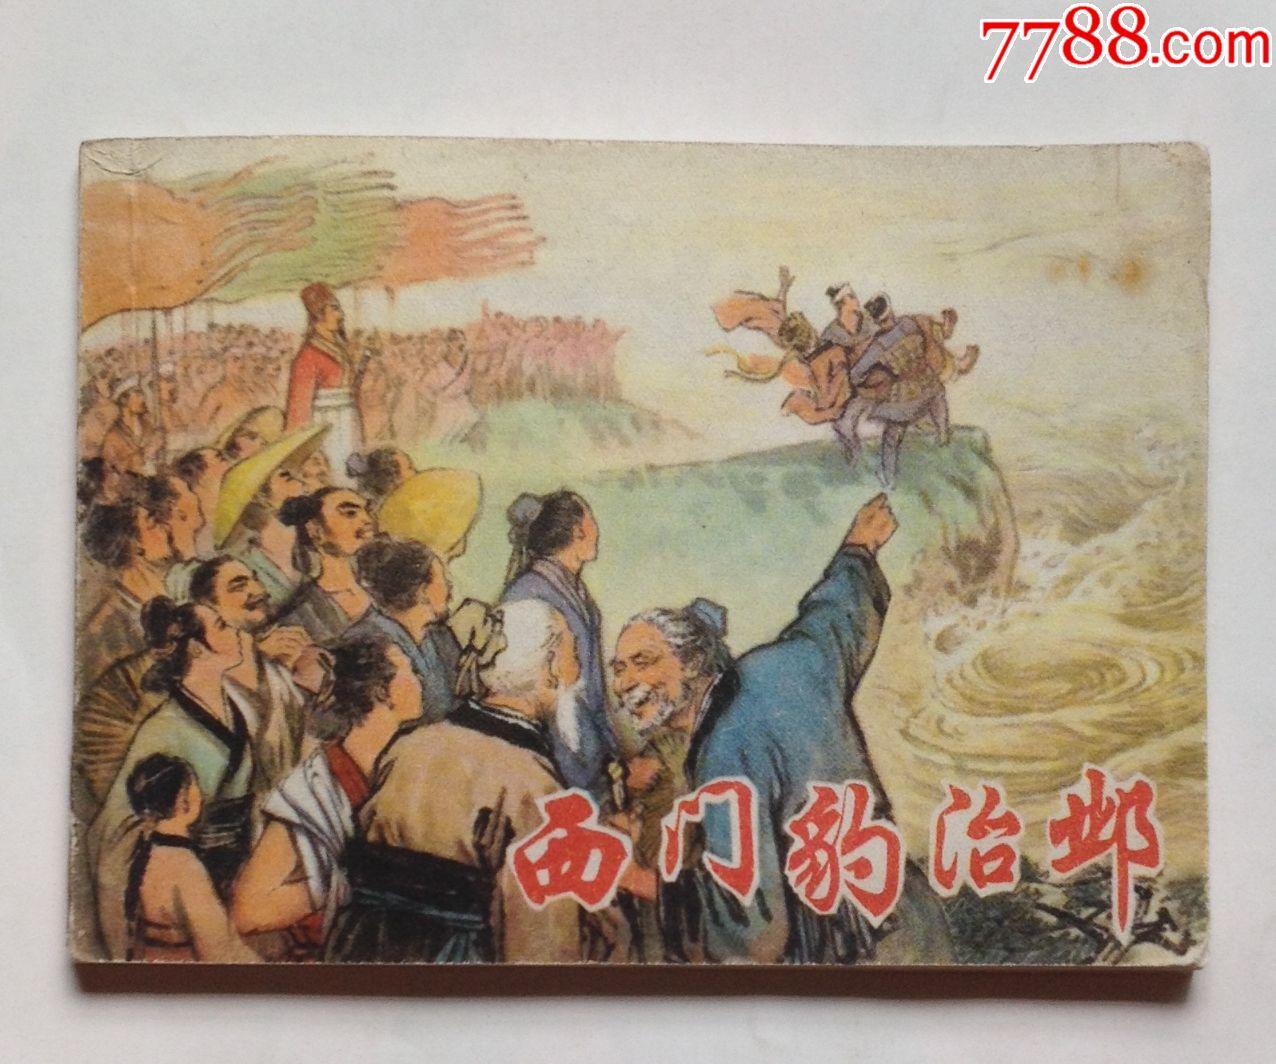 西门豹治邺初中的课本英语图片